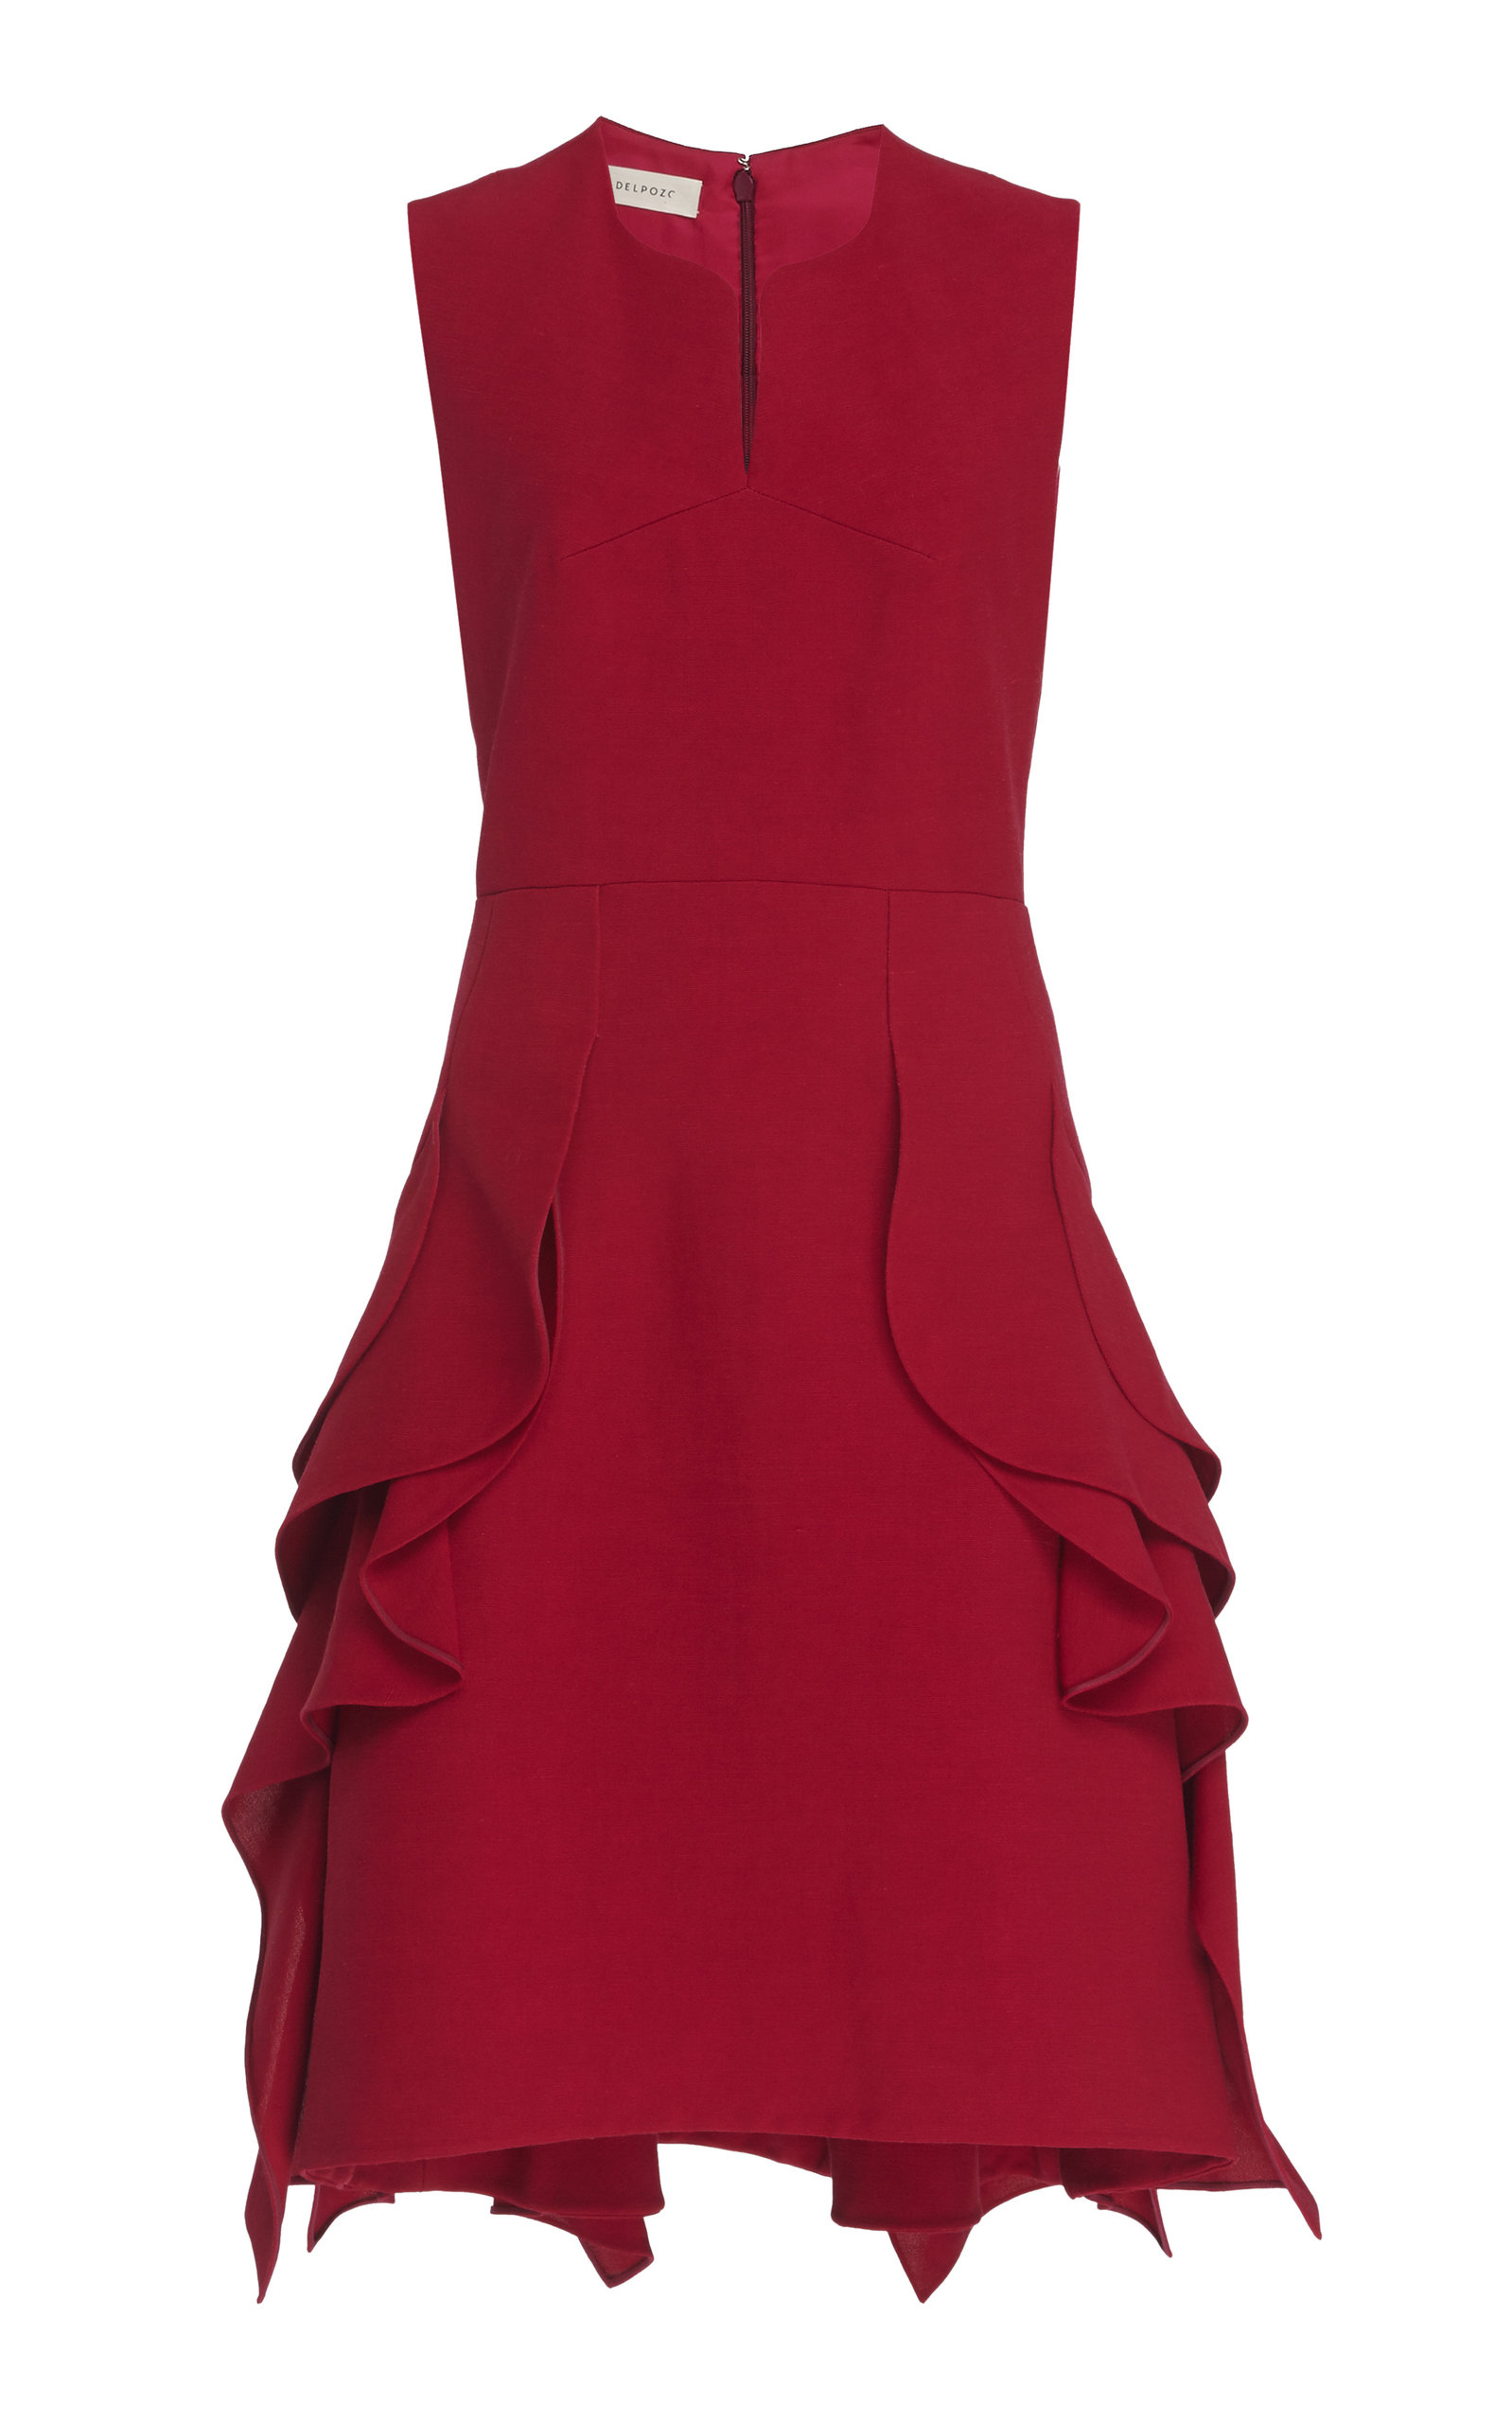 de568712e4 Ruffled Crepe Dress